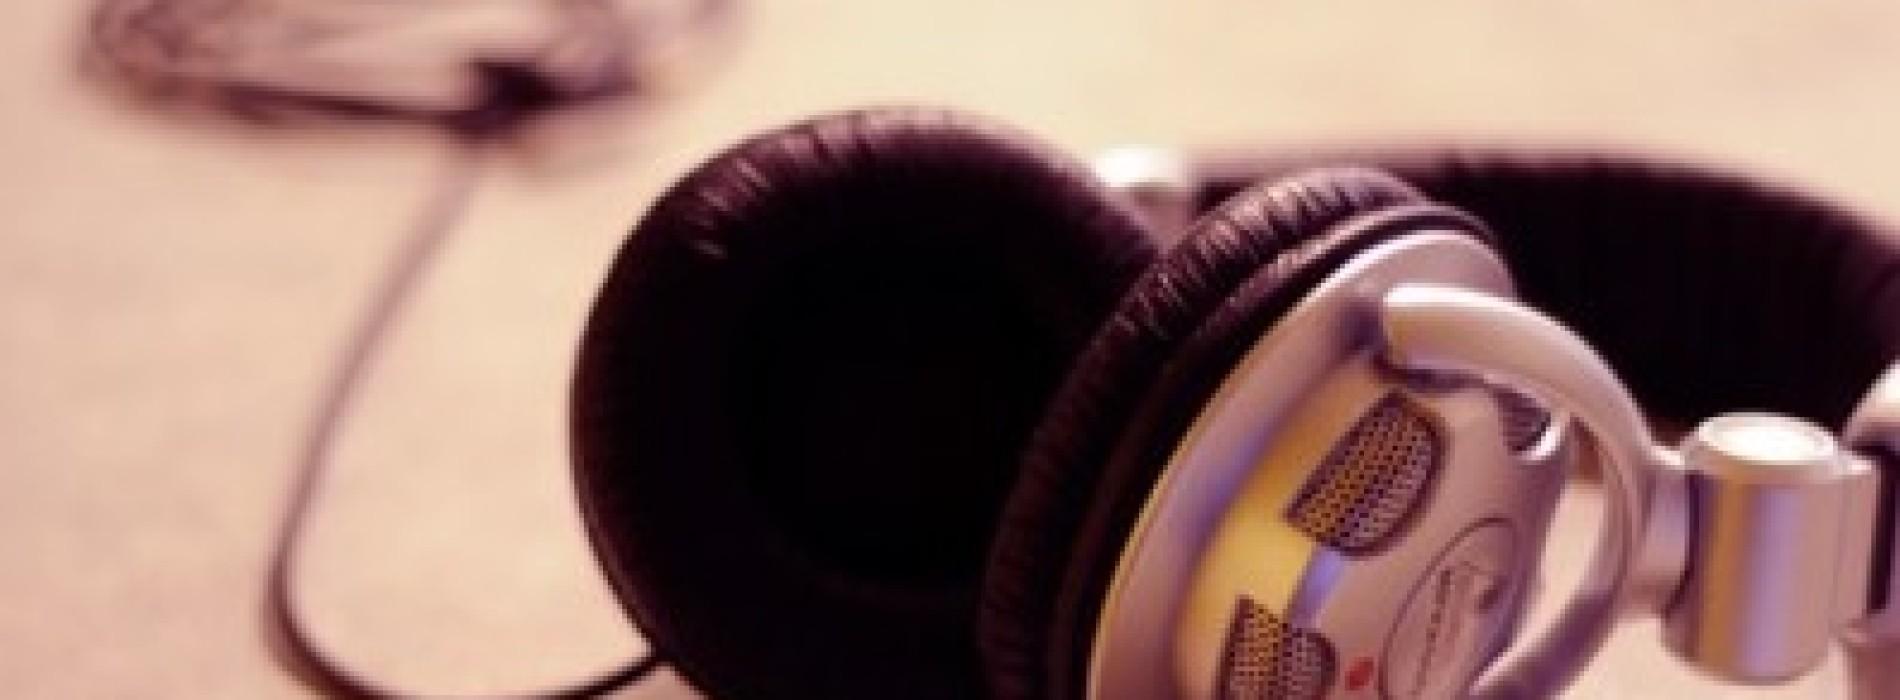 Czy trzeba płacić za odtwarzanie muzyki?